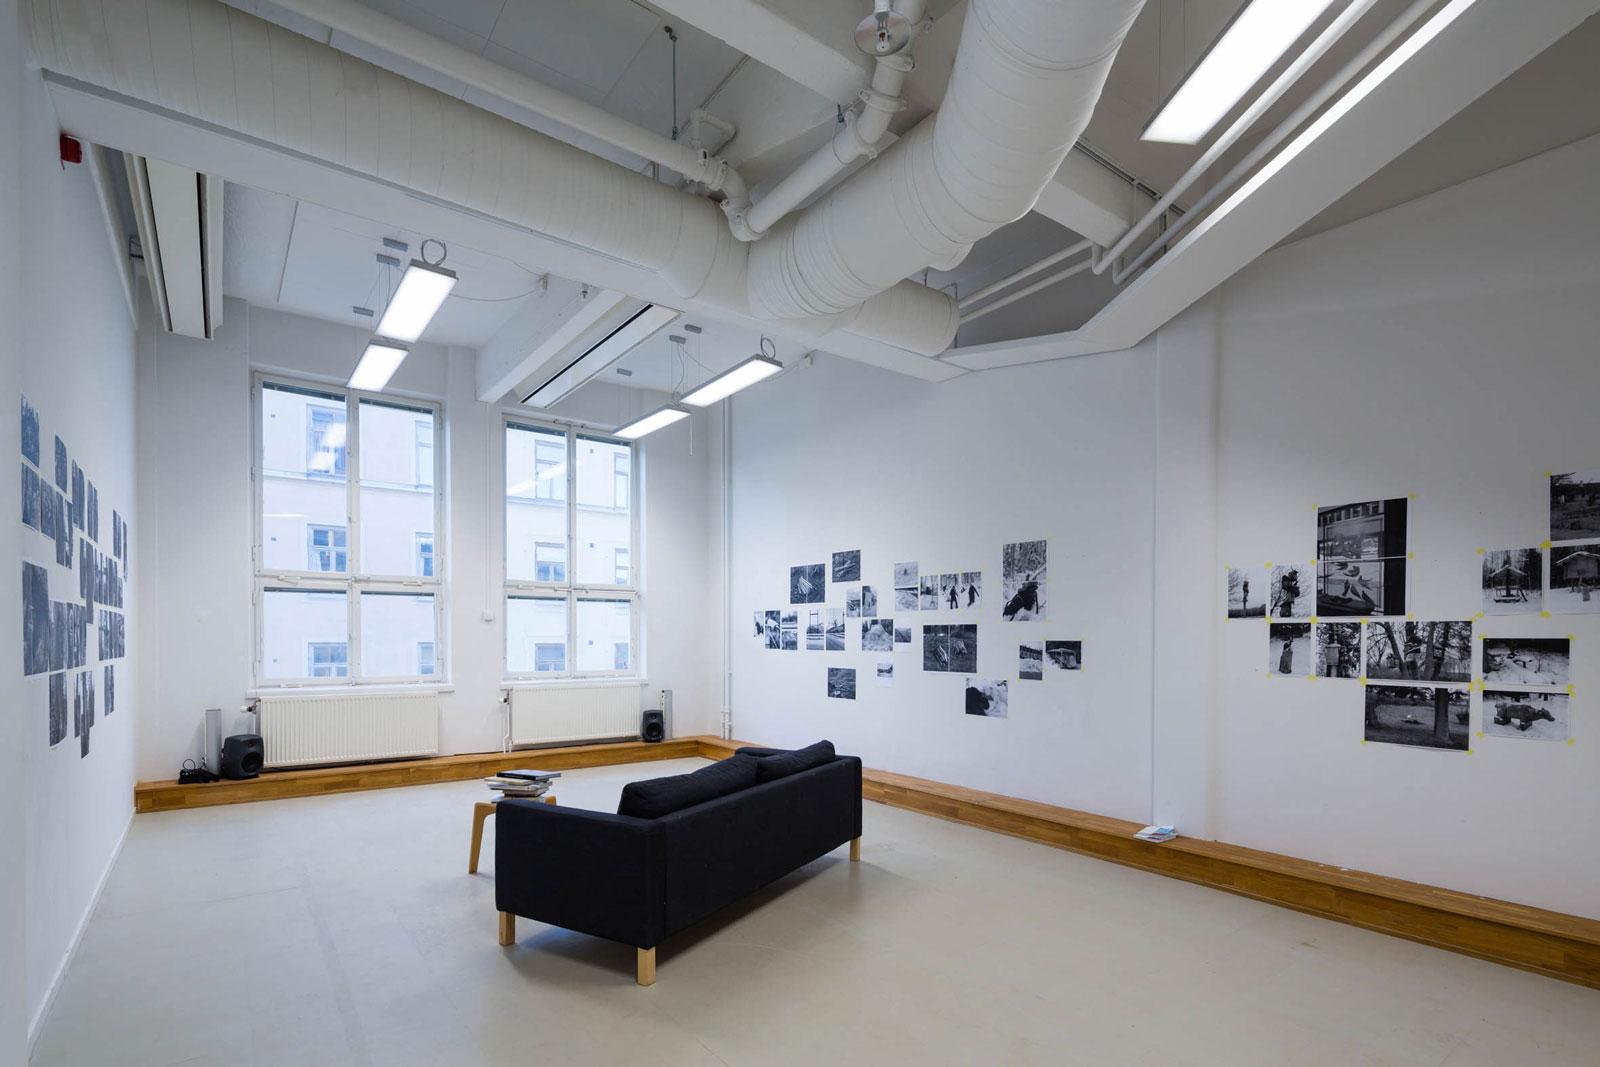 iaspis Open House, spring 2014